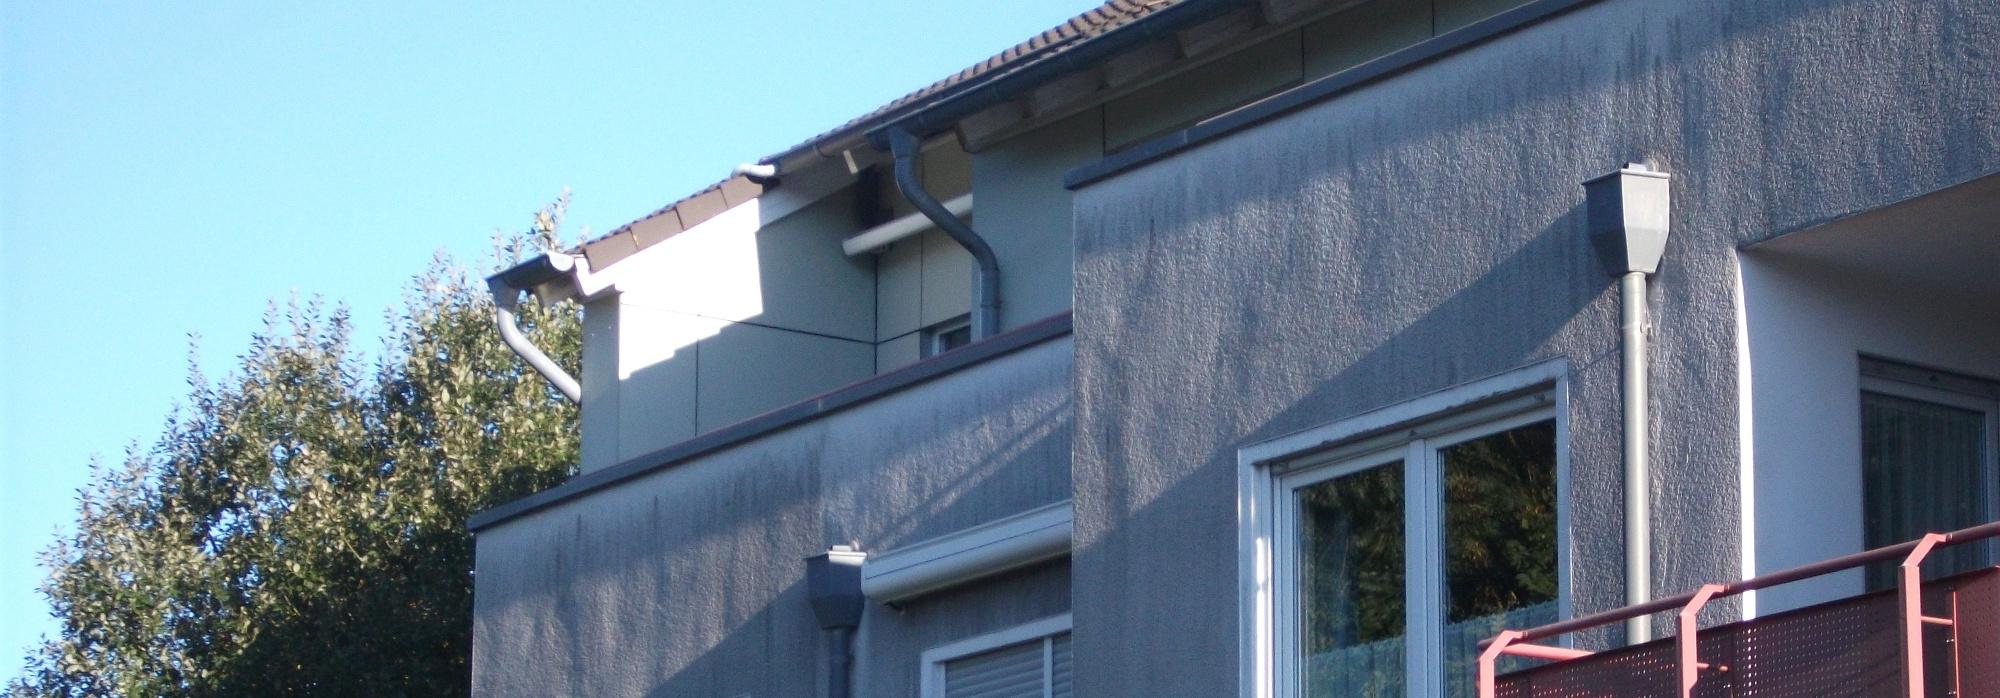 Helle, gut aufgeteilte 3 Zimmer Wohnung in Breckerfeld Zurstraße